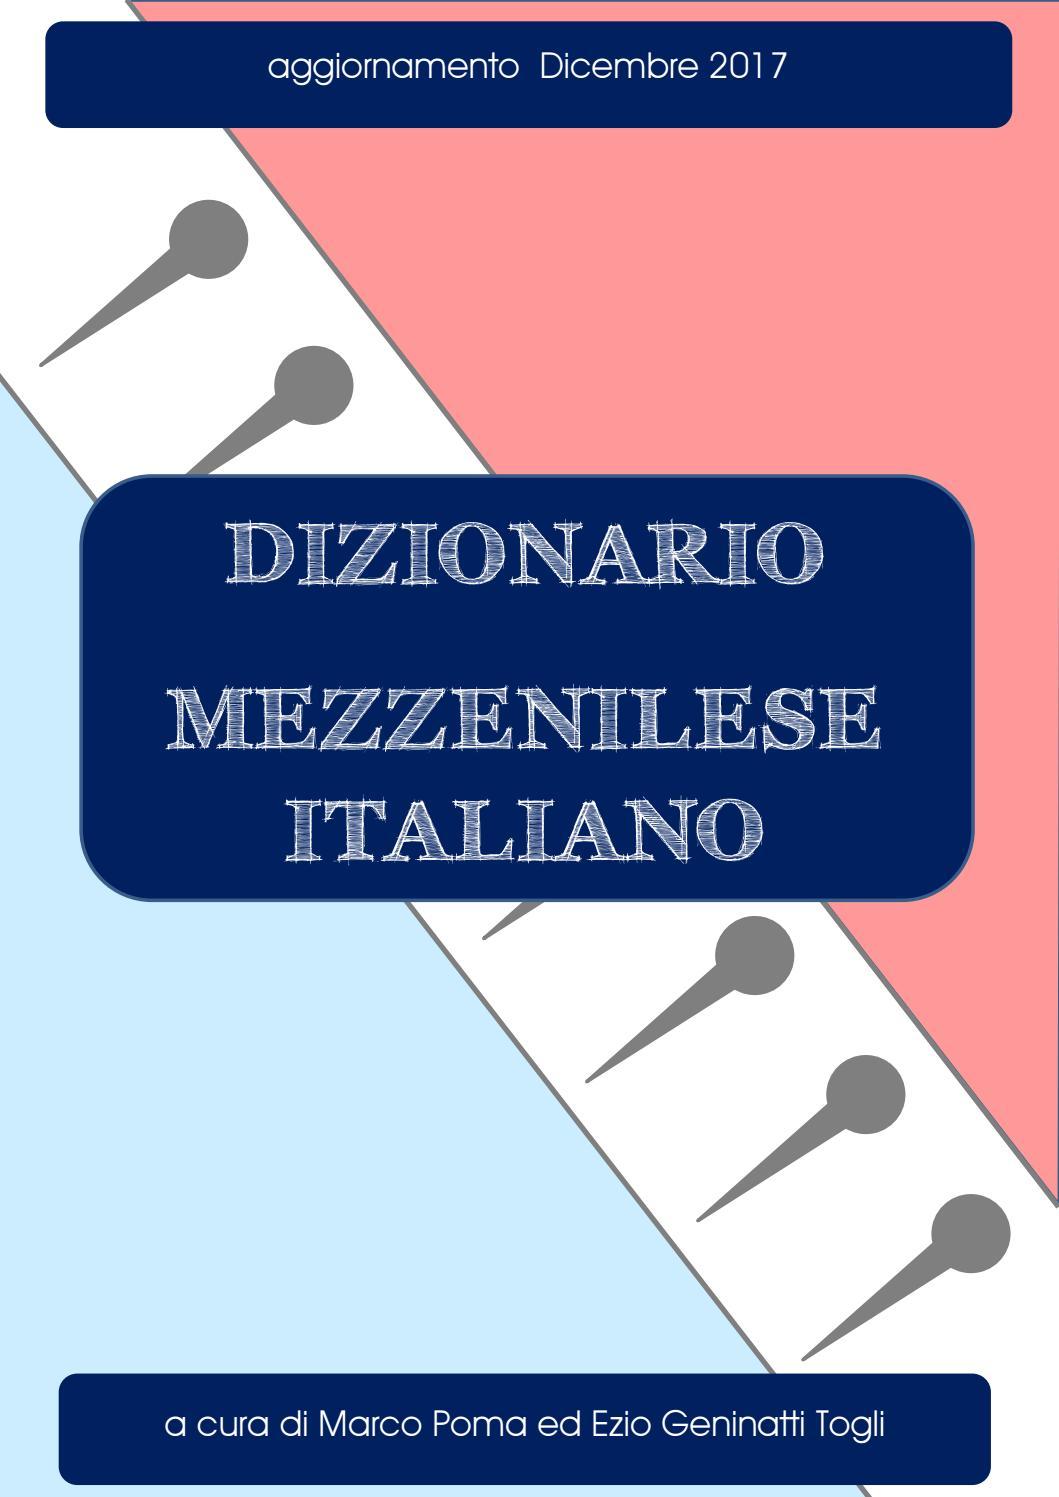 Mezzenile - Dizionario mezzenilese italiano - Marco Poma   Ezio Geninatti  Togli by marco poma - issuu a3dbf2f6babf